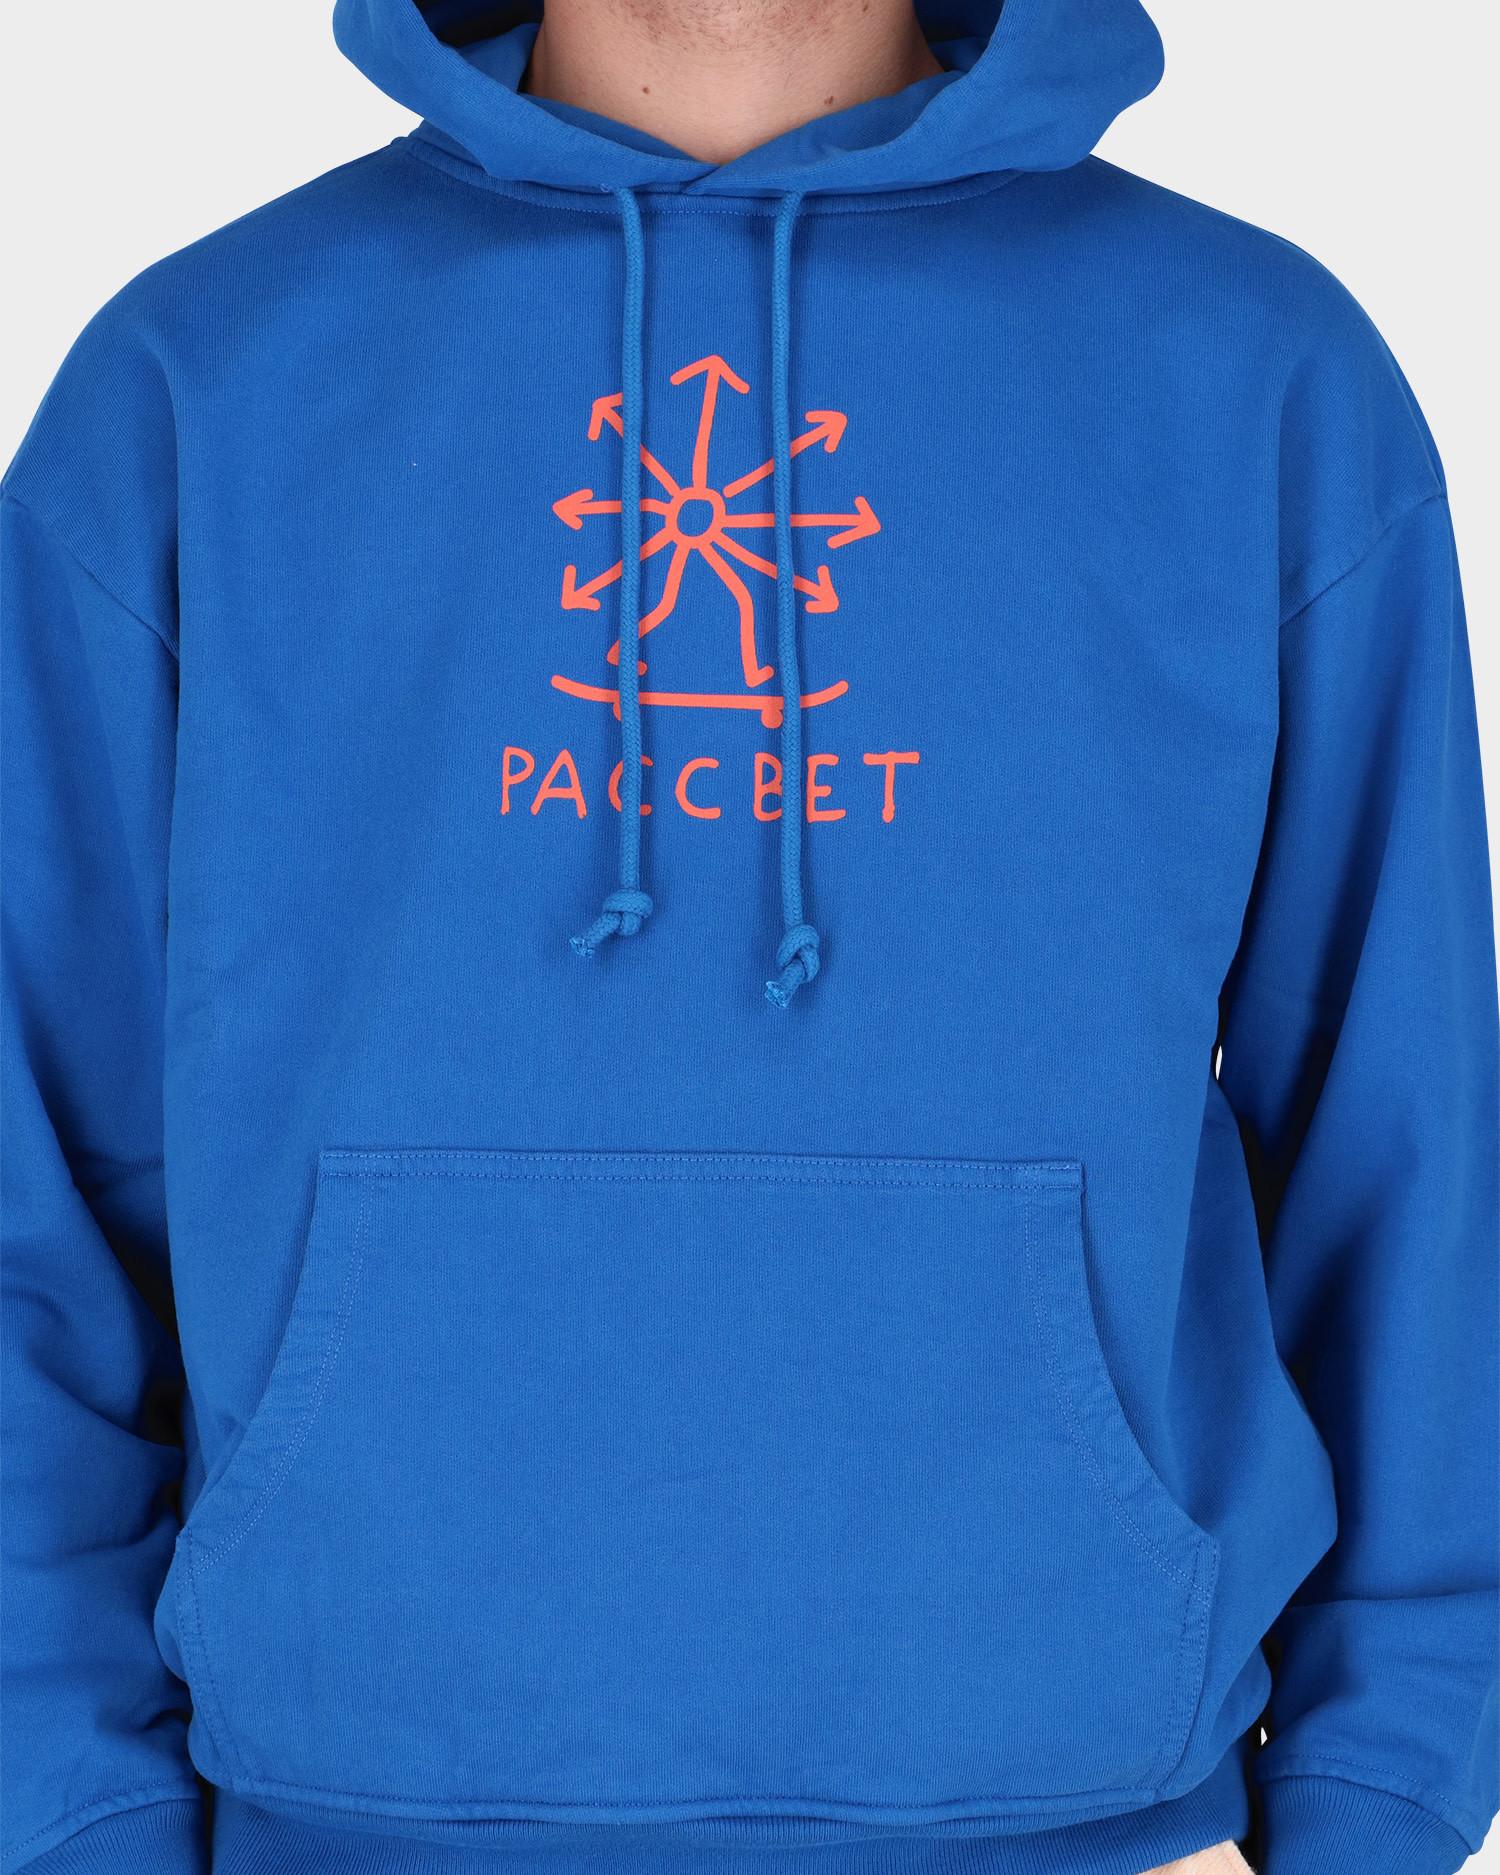 Paccbet Skate Hoodie Blue